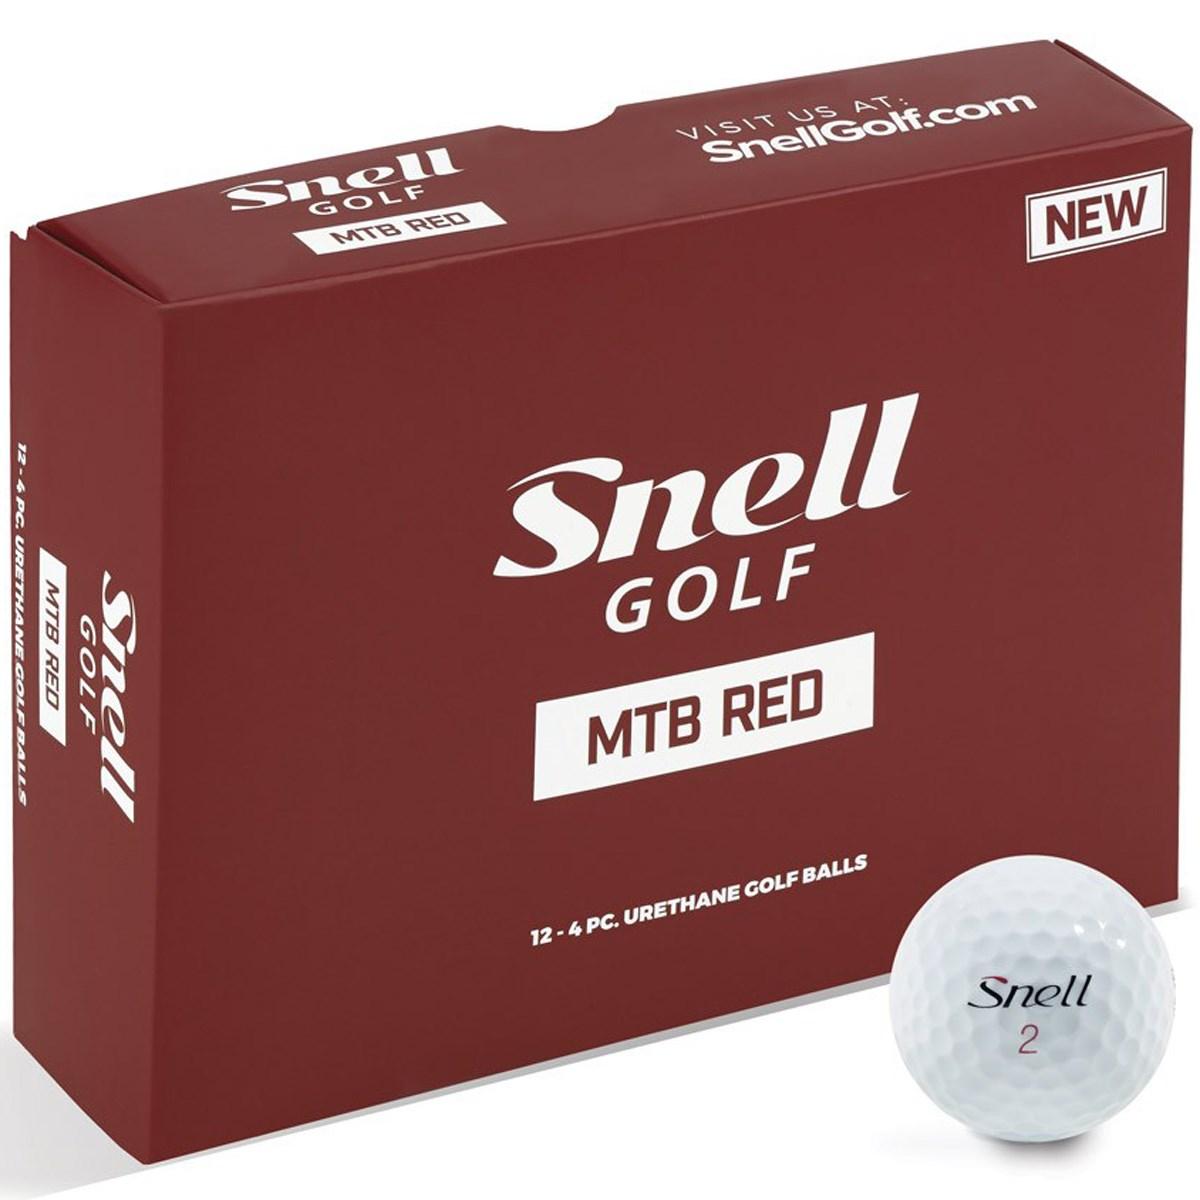 スネルゴルフ MTB RED ボール